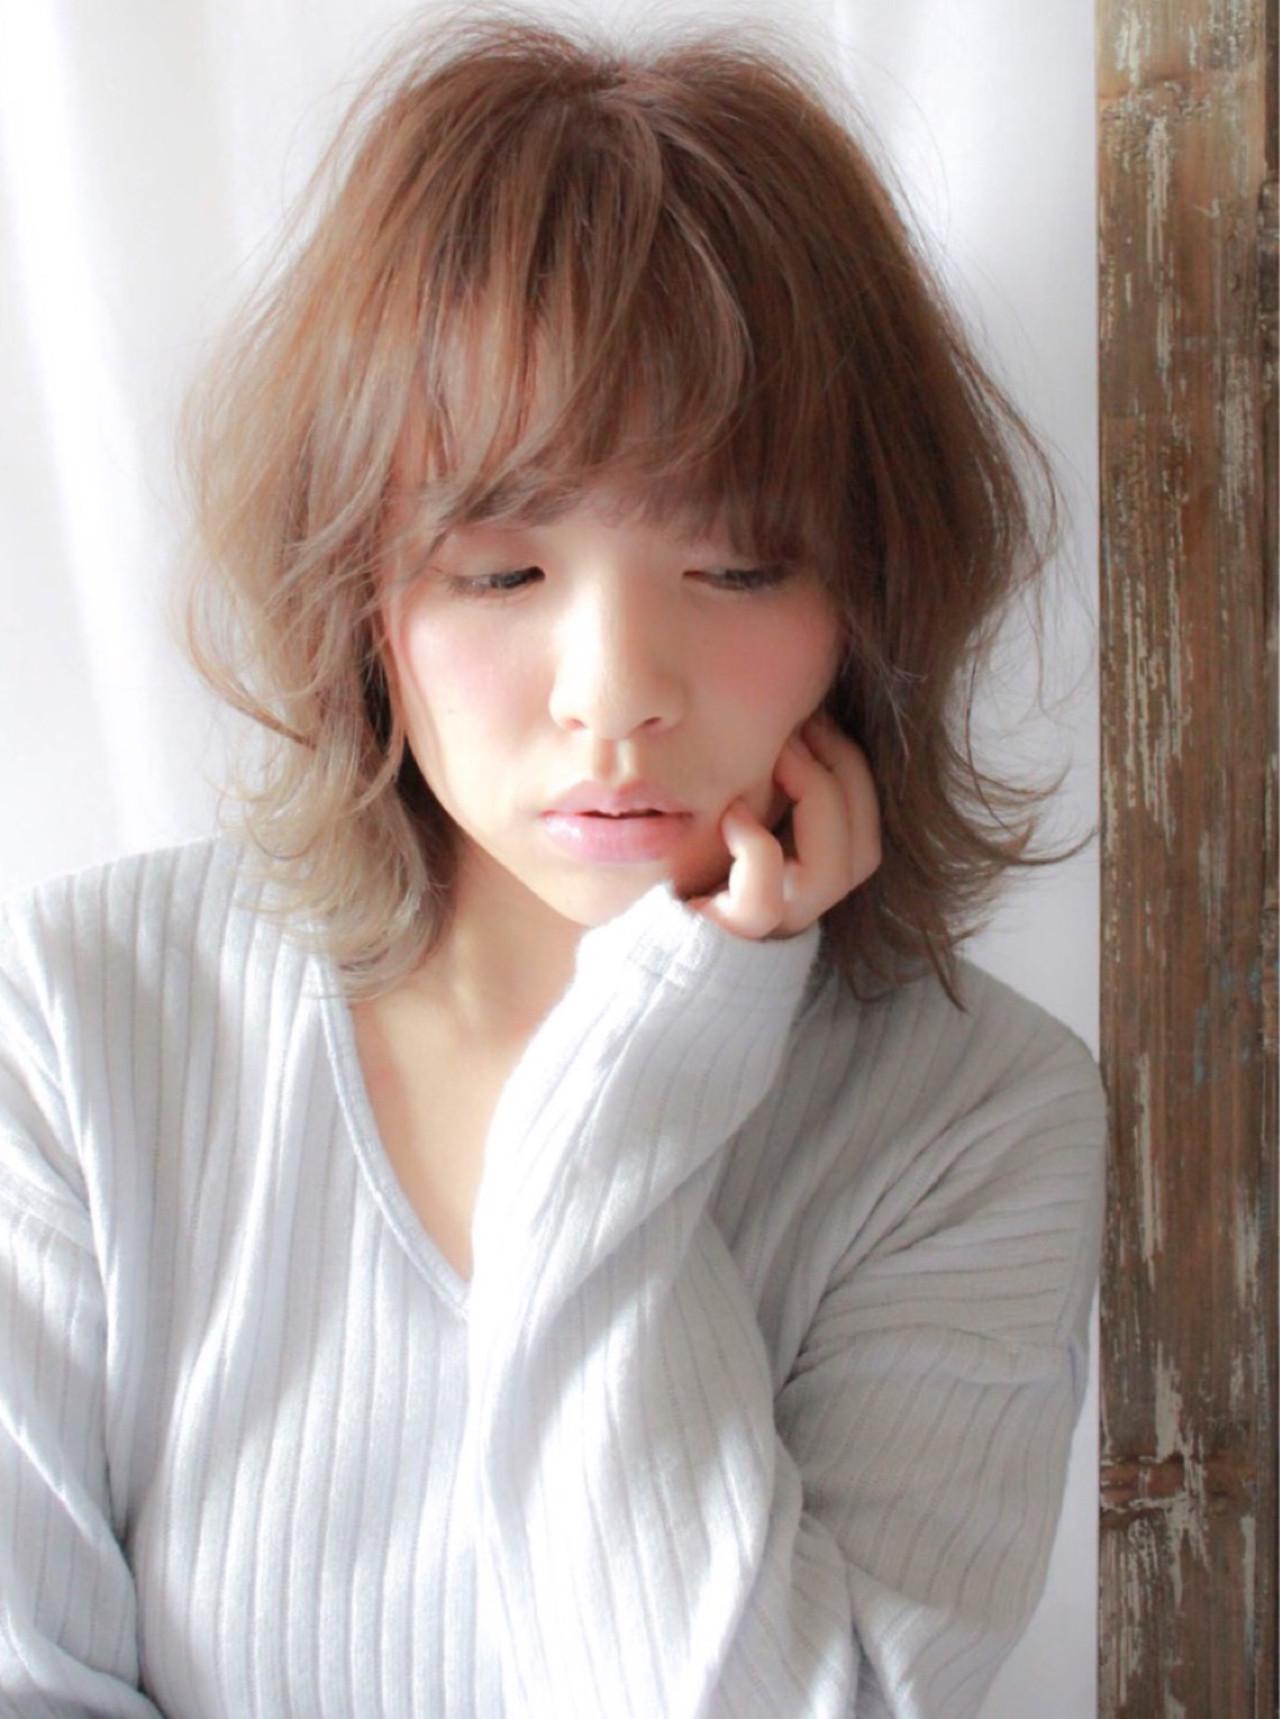 ふわクシュ♪ナチュラルなエアリーミディアム hiroki | hair latelier emma